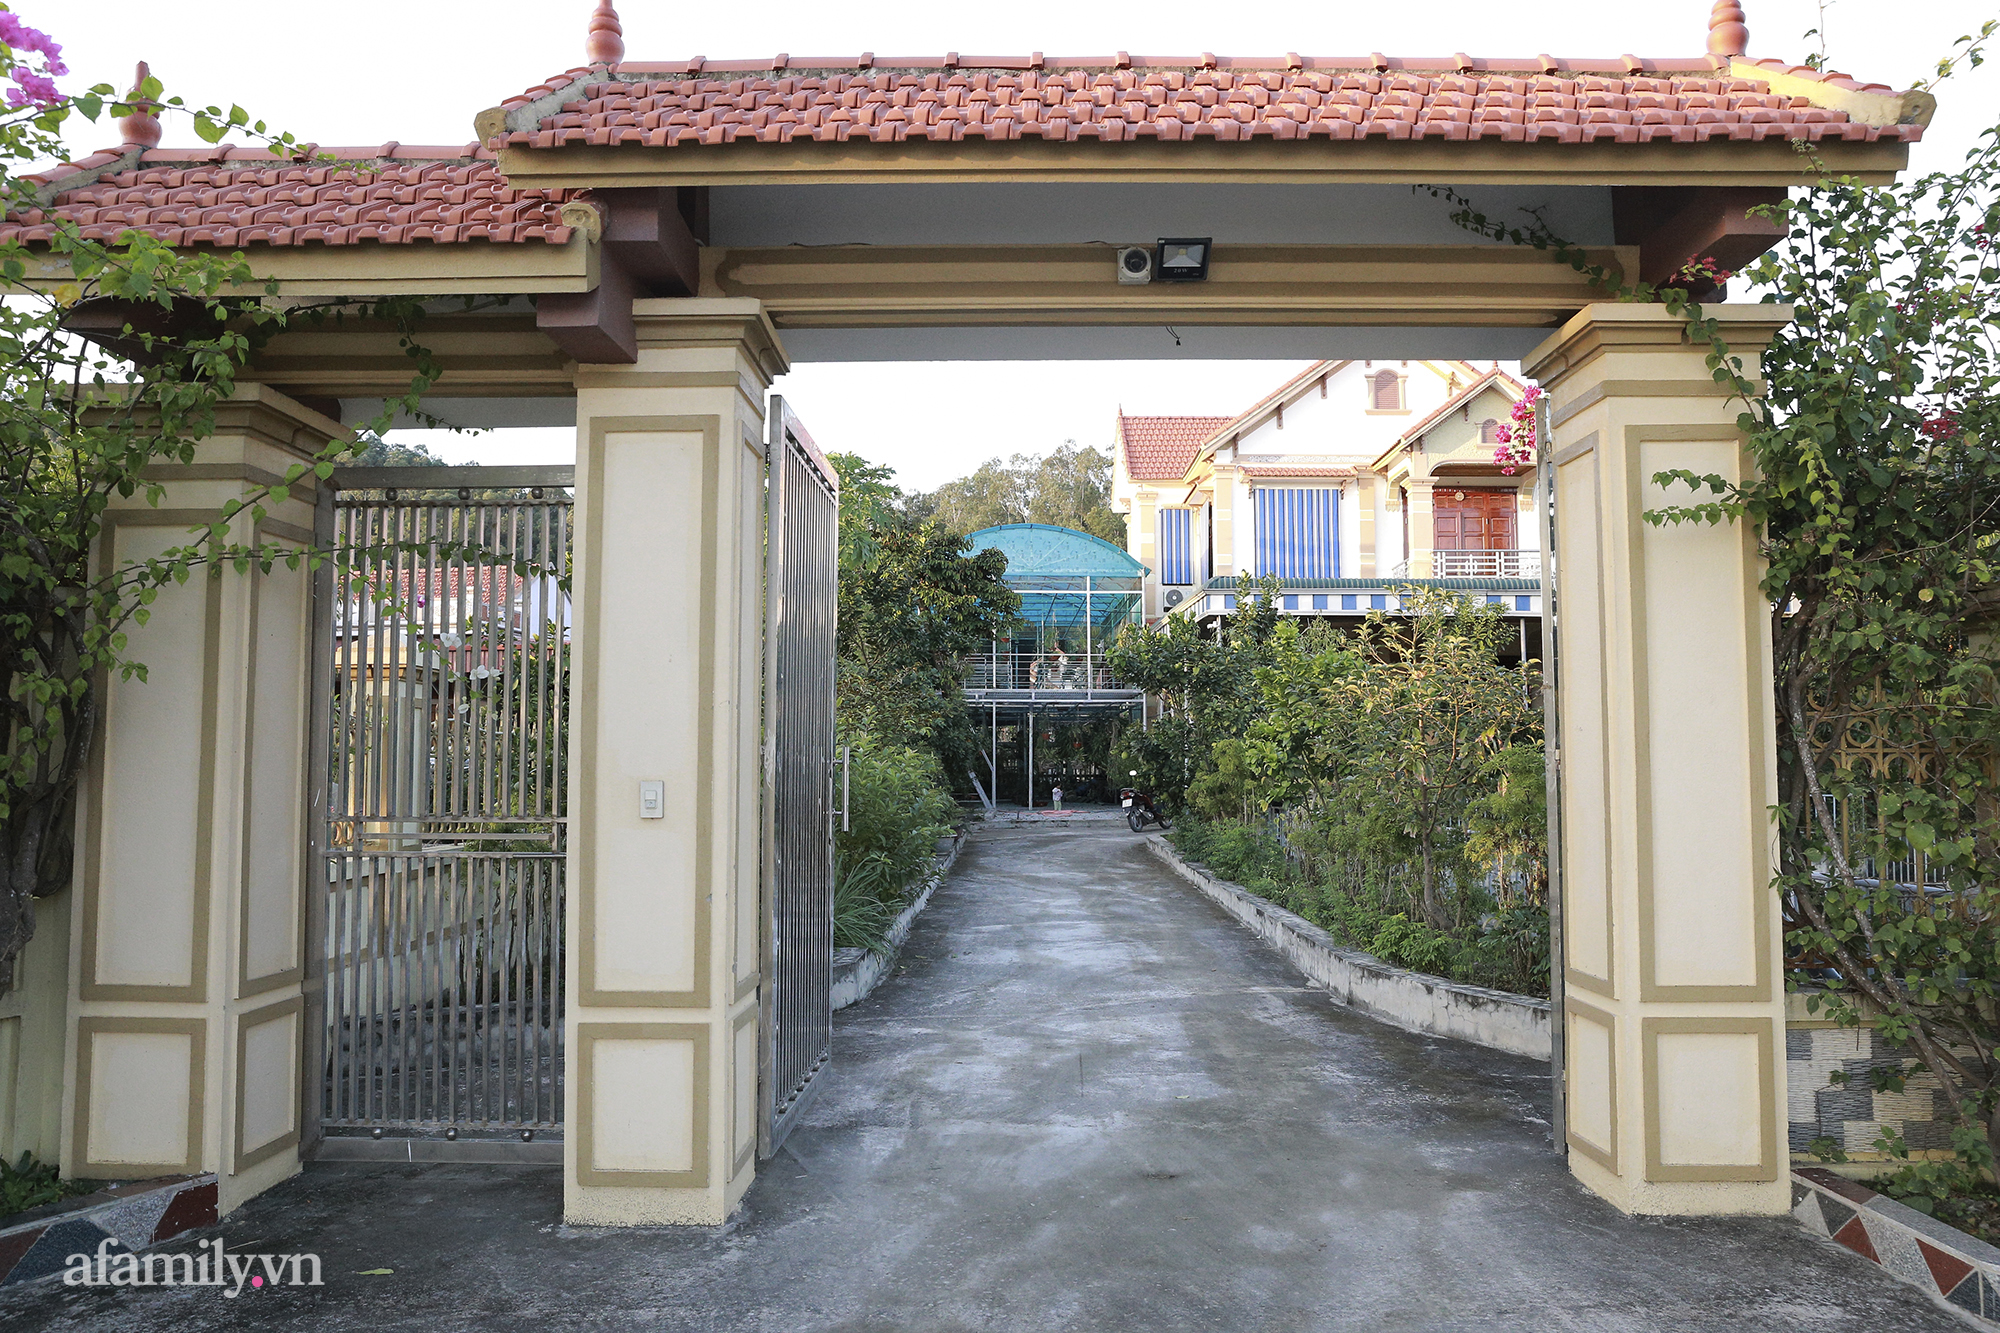 Có thể thấy, cổng vào của căn nhà nơi gia đình Đỗ Thị Hà đang sinh sống rất rộng. Lối đi vào nhà chính cũng khá dài.